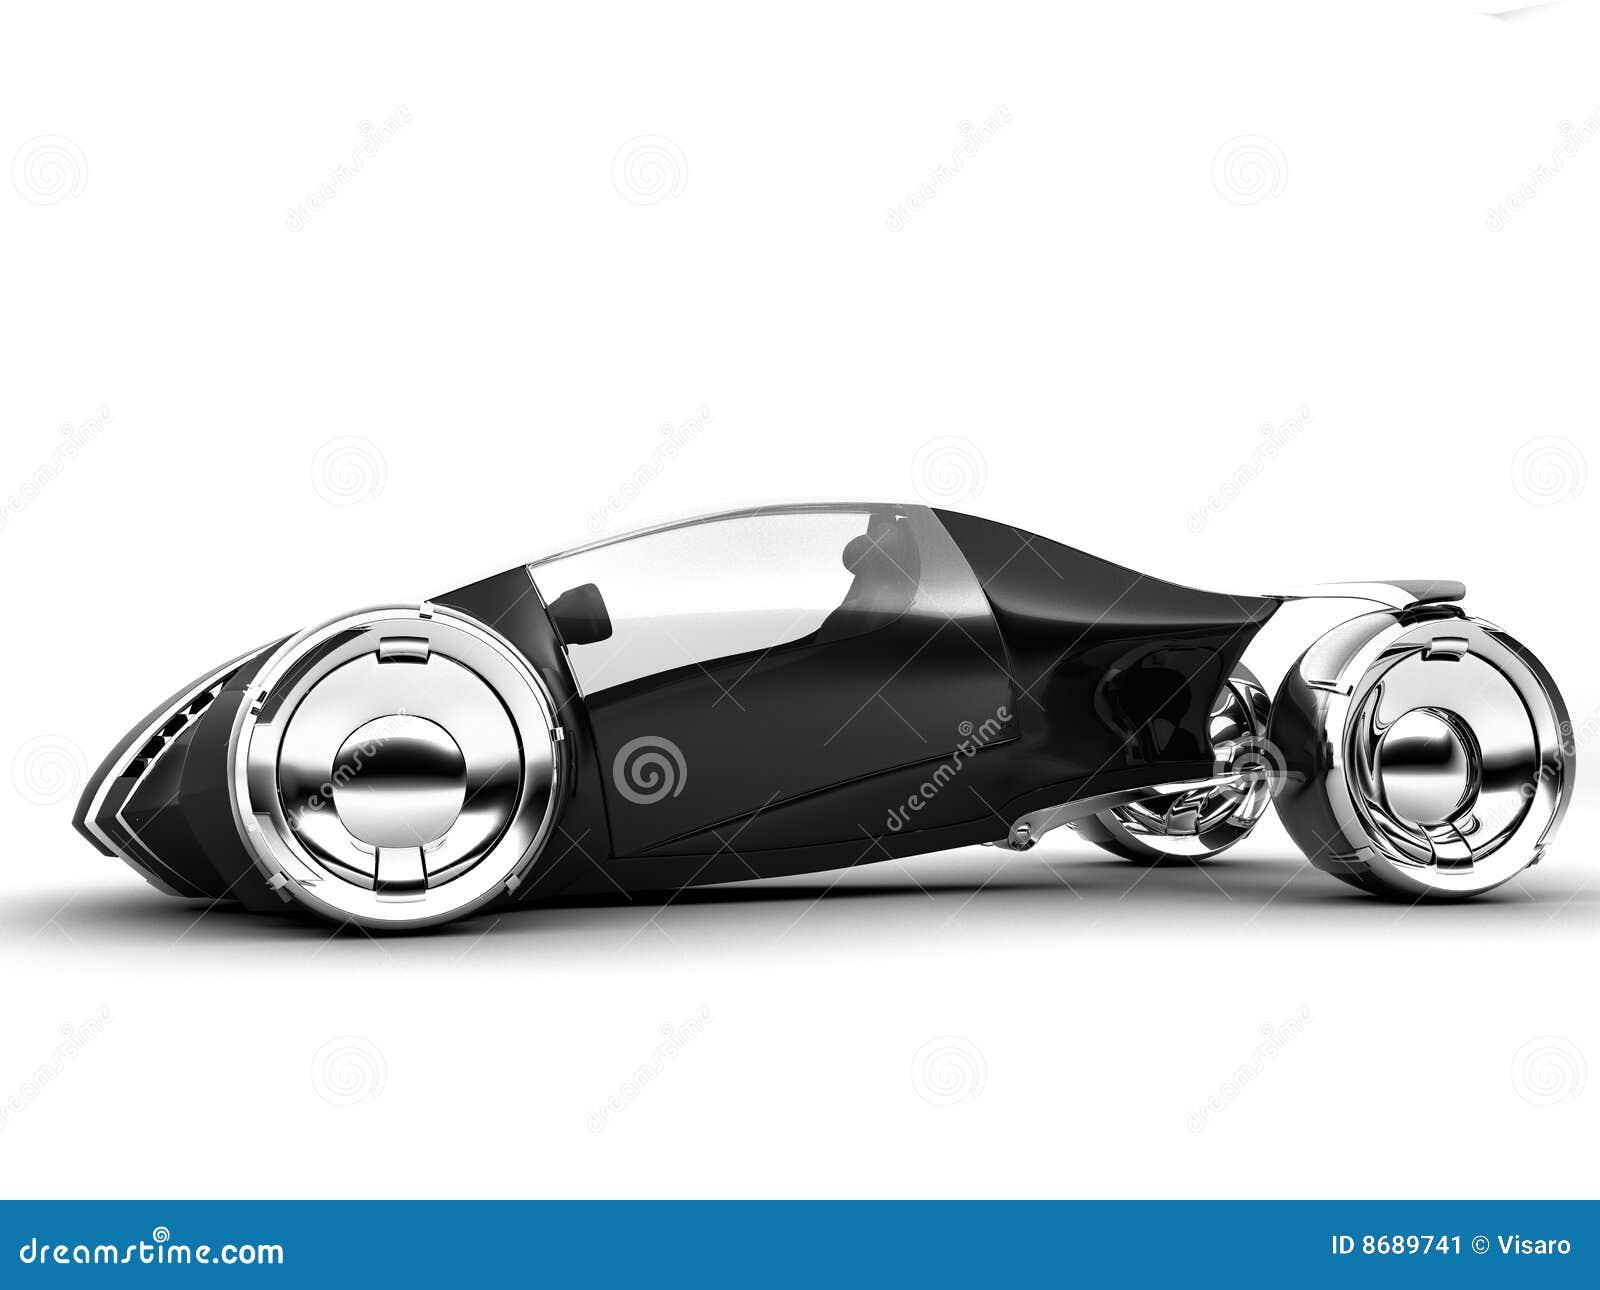 Cam2light conceptcar1 d isolement